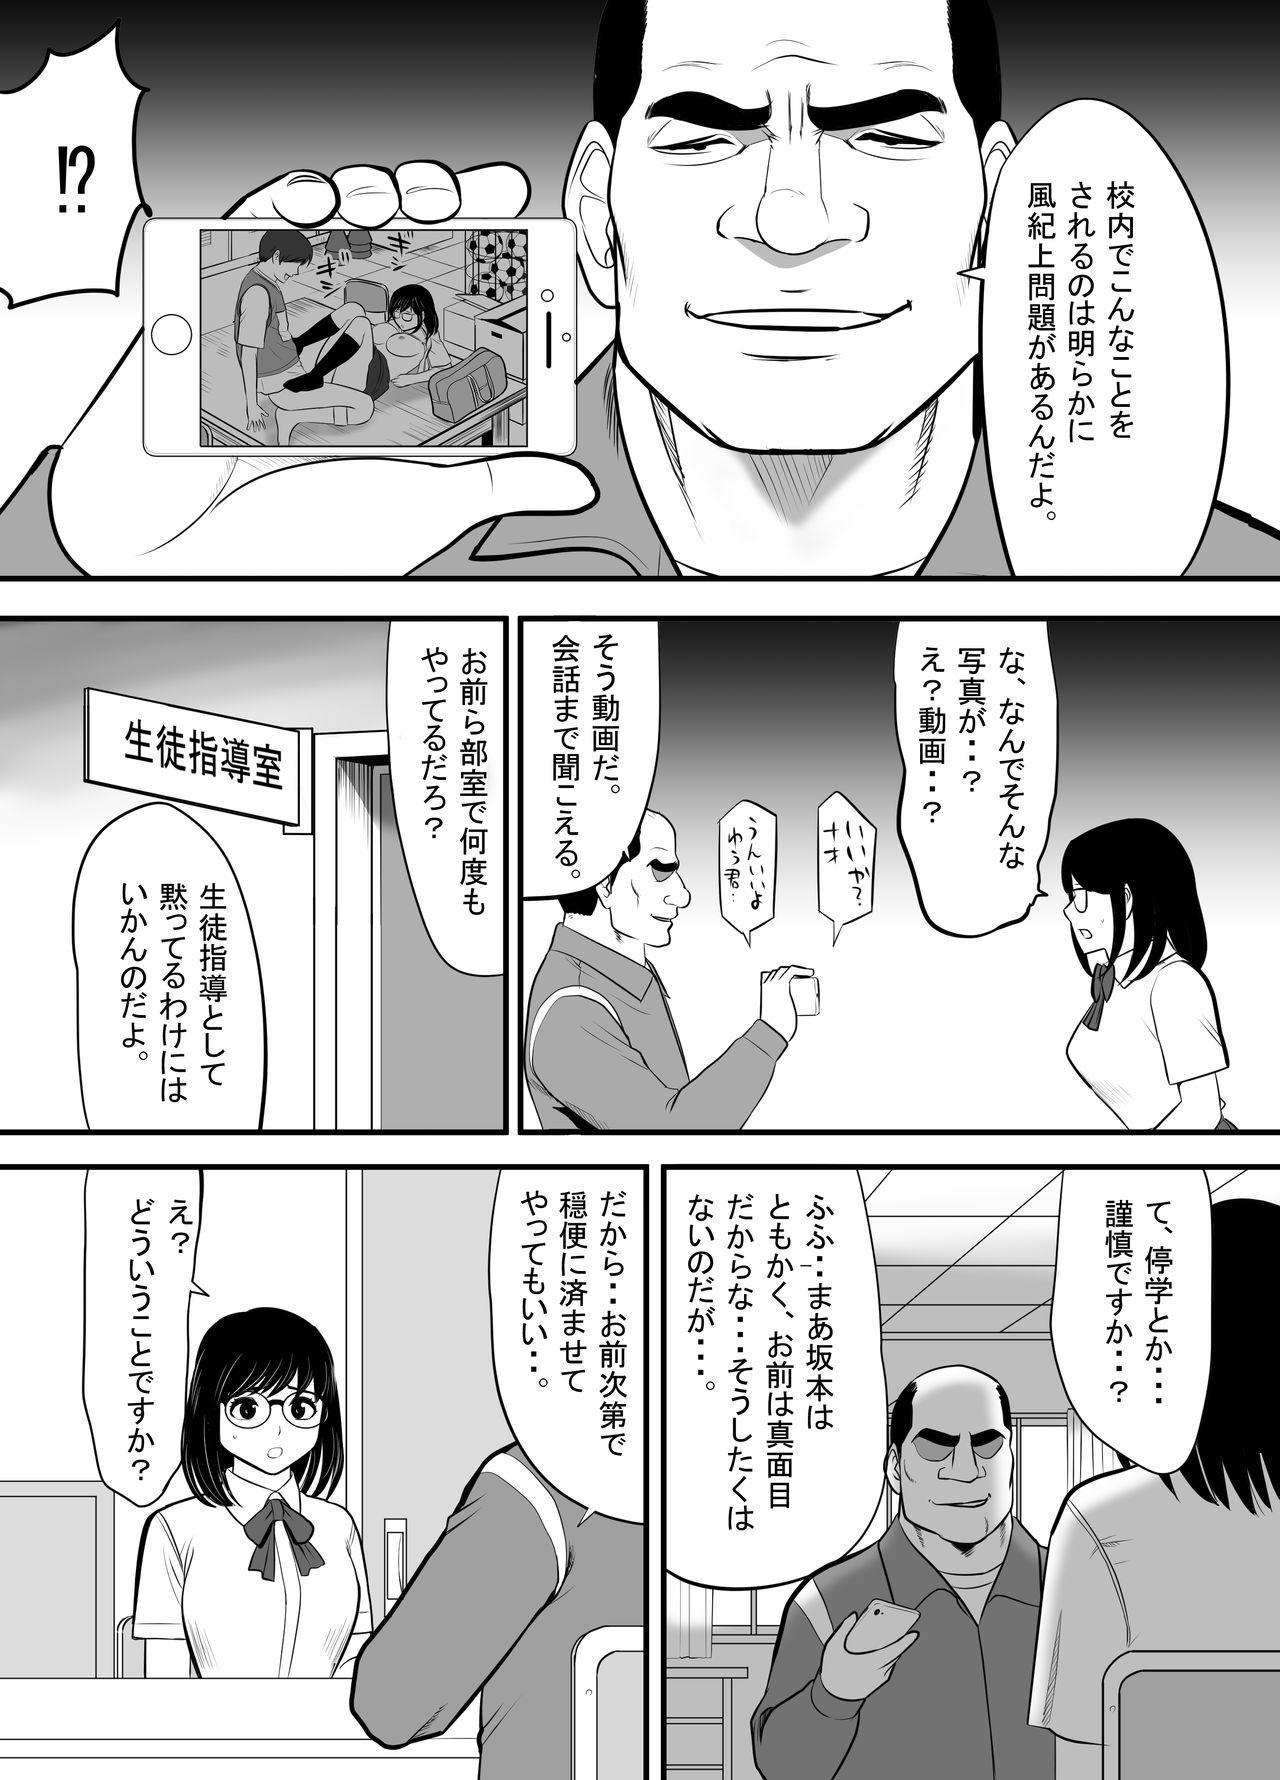 Namaiki na Danshi Seito ga Ita node Juujun na Kanojo o Kawari ni Otoshite yatta 9